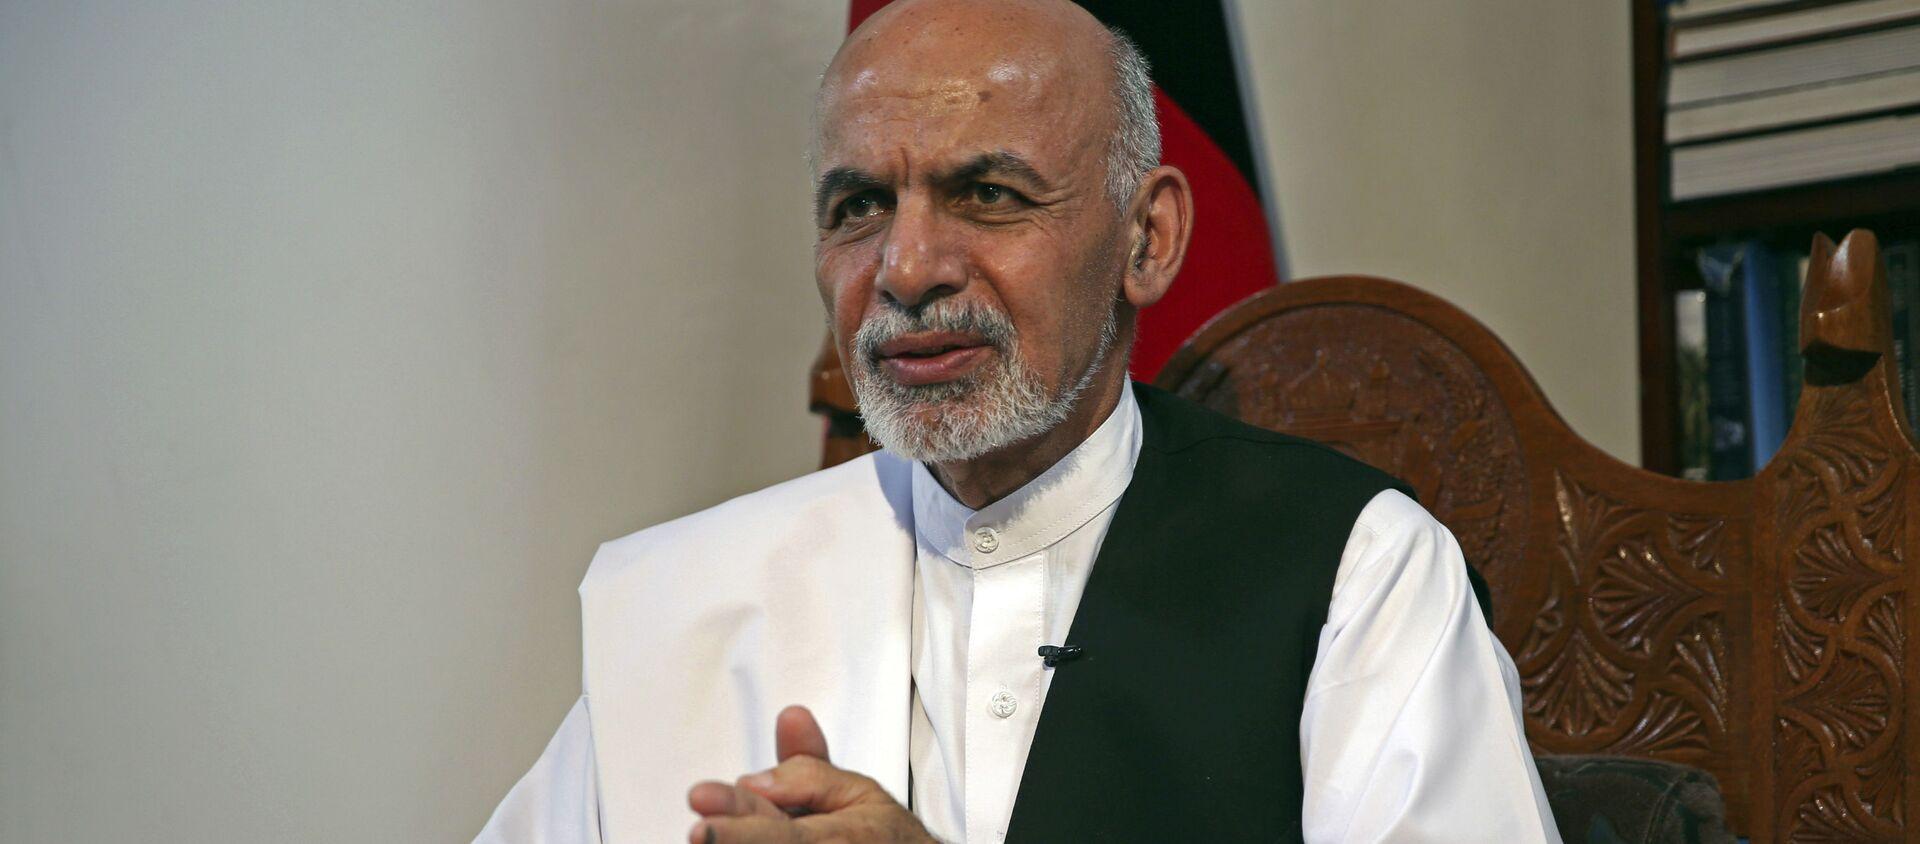 Кандидат в президенты Афганистана и бывший министр финансов Ашраф Гани Ахмадзай выступает во время интервью Associated Press в своей резиденции в Кабуле, Афганистан, в понедельник, 14 июля 2014 года. Ахмадзай сказал, что сделка при посредничестве США по полной ревизии бюллетеней вернула страну назад с края пропасти и вернуть легитимность правительства в нужное русло. - Sputnik Абхазия, 1920, 15.08.2021